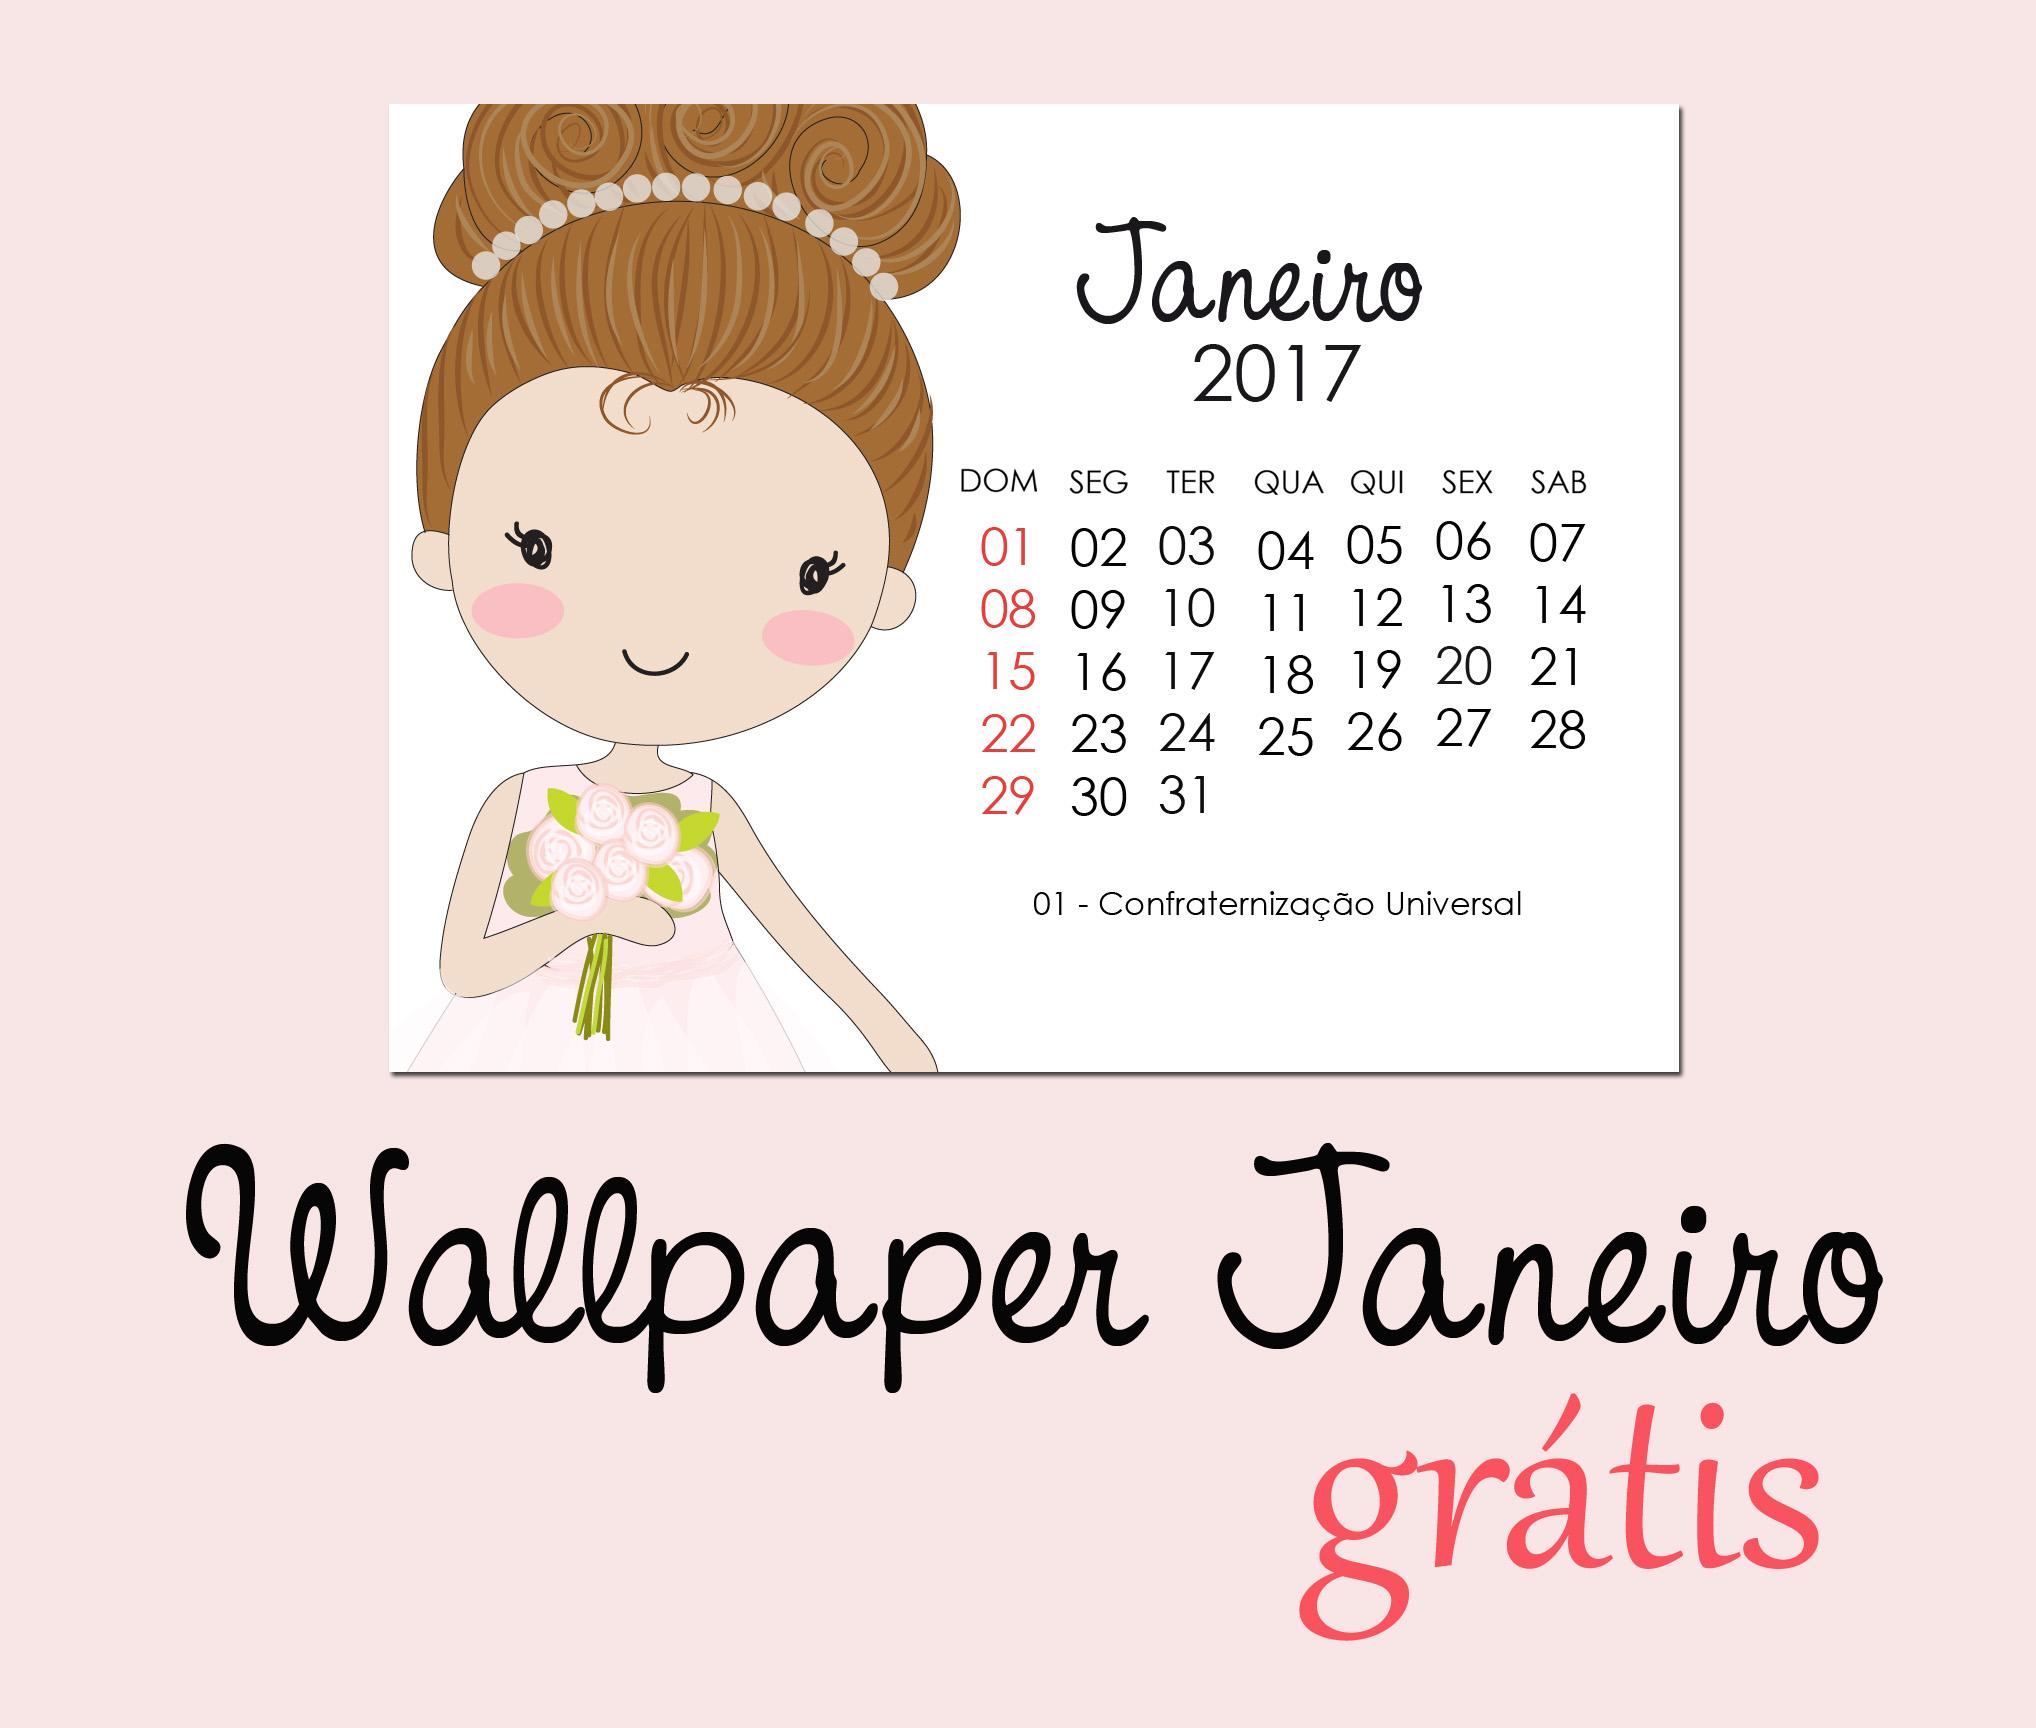 wallpaper-janeiro-loja